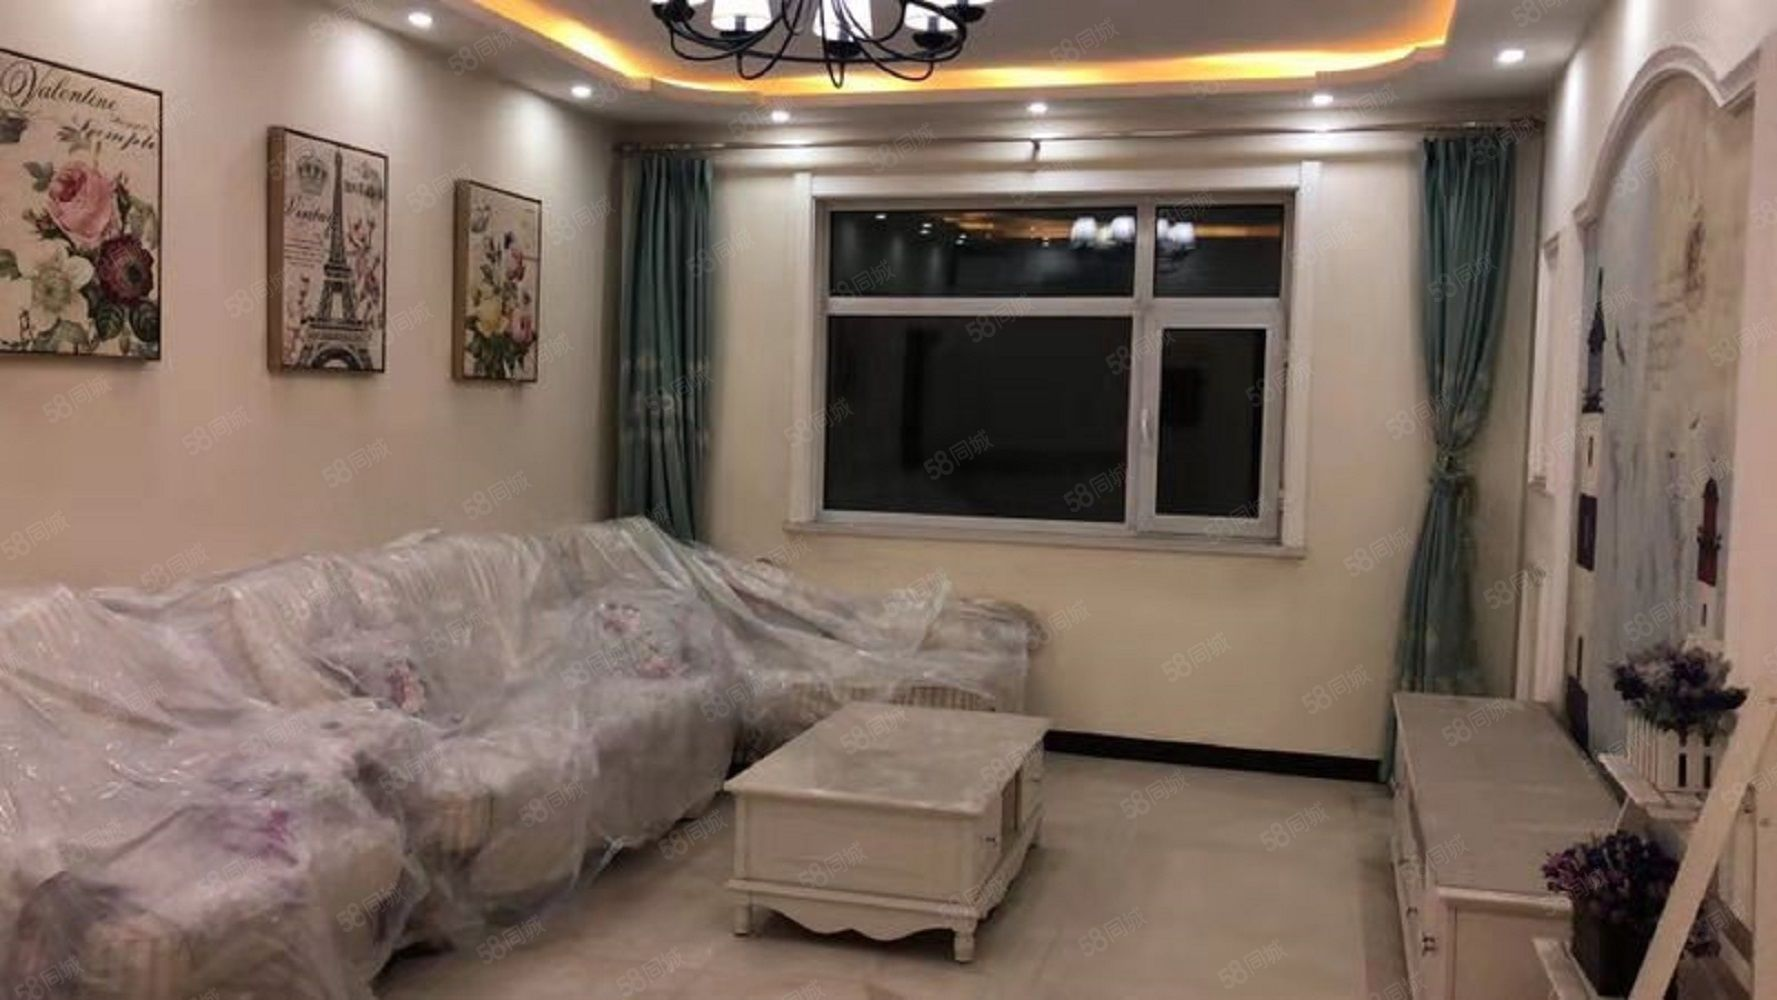 急售世紀星城精裝修帶家具.可改名賠錢出售環境優美